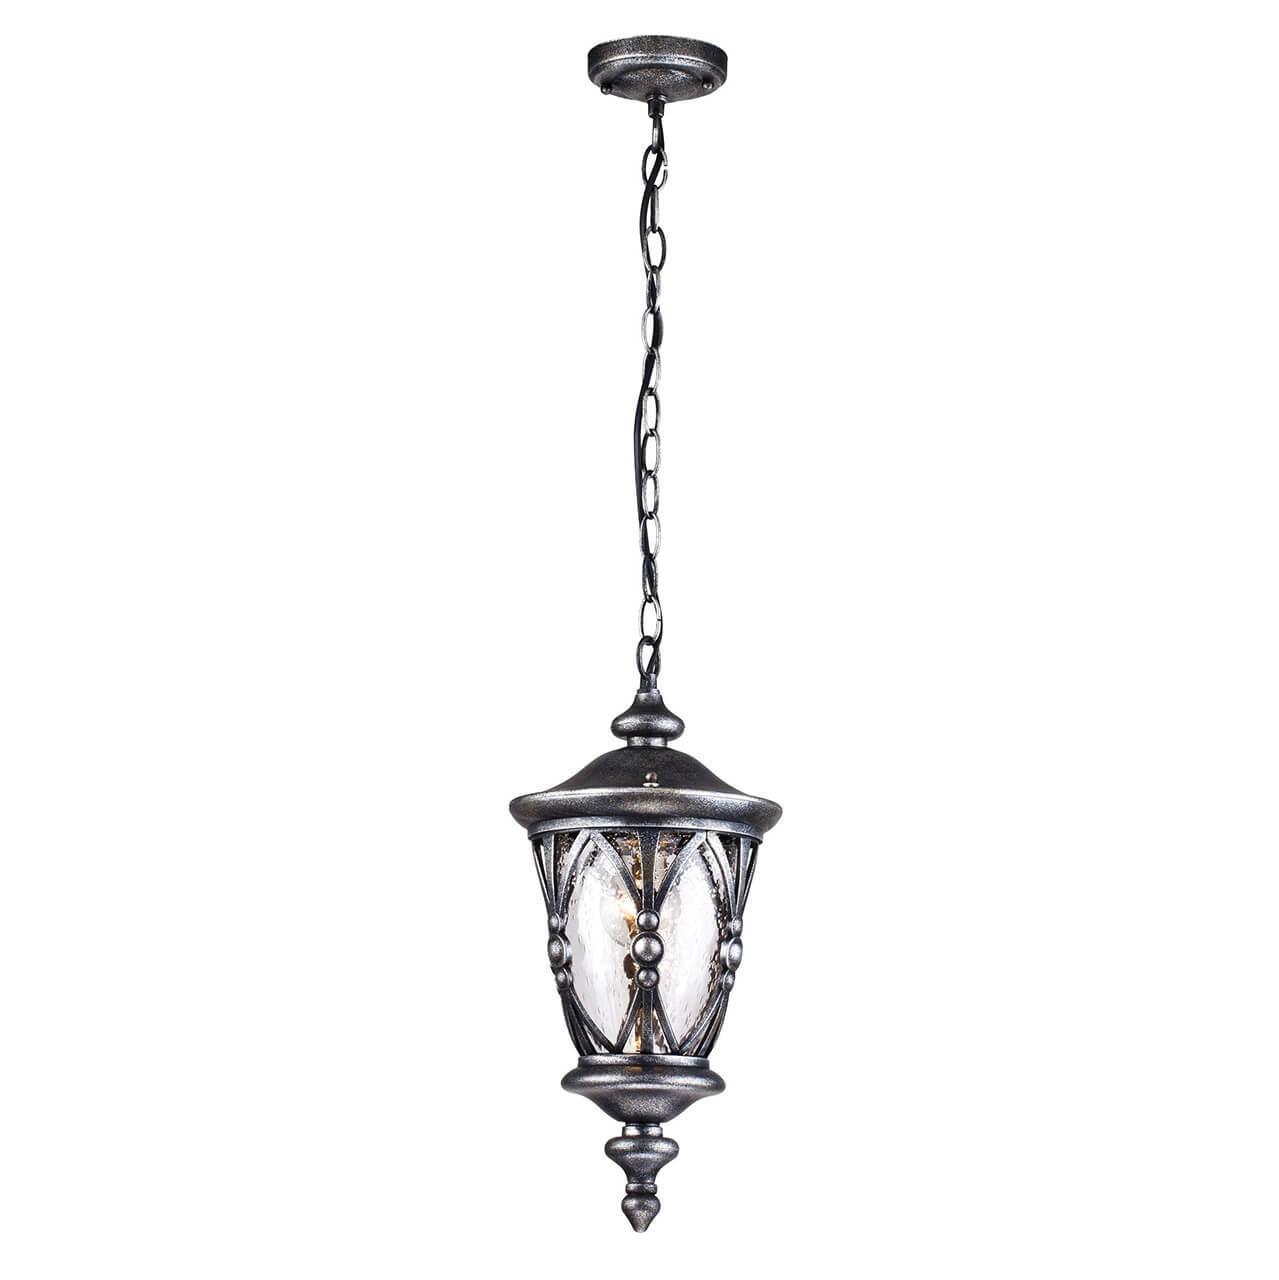 Уличный светильник Maytoni S103-44-41-B, E27 все цены